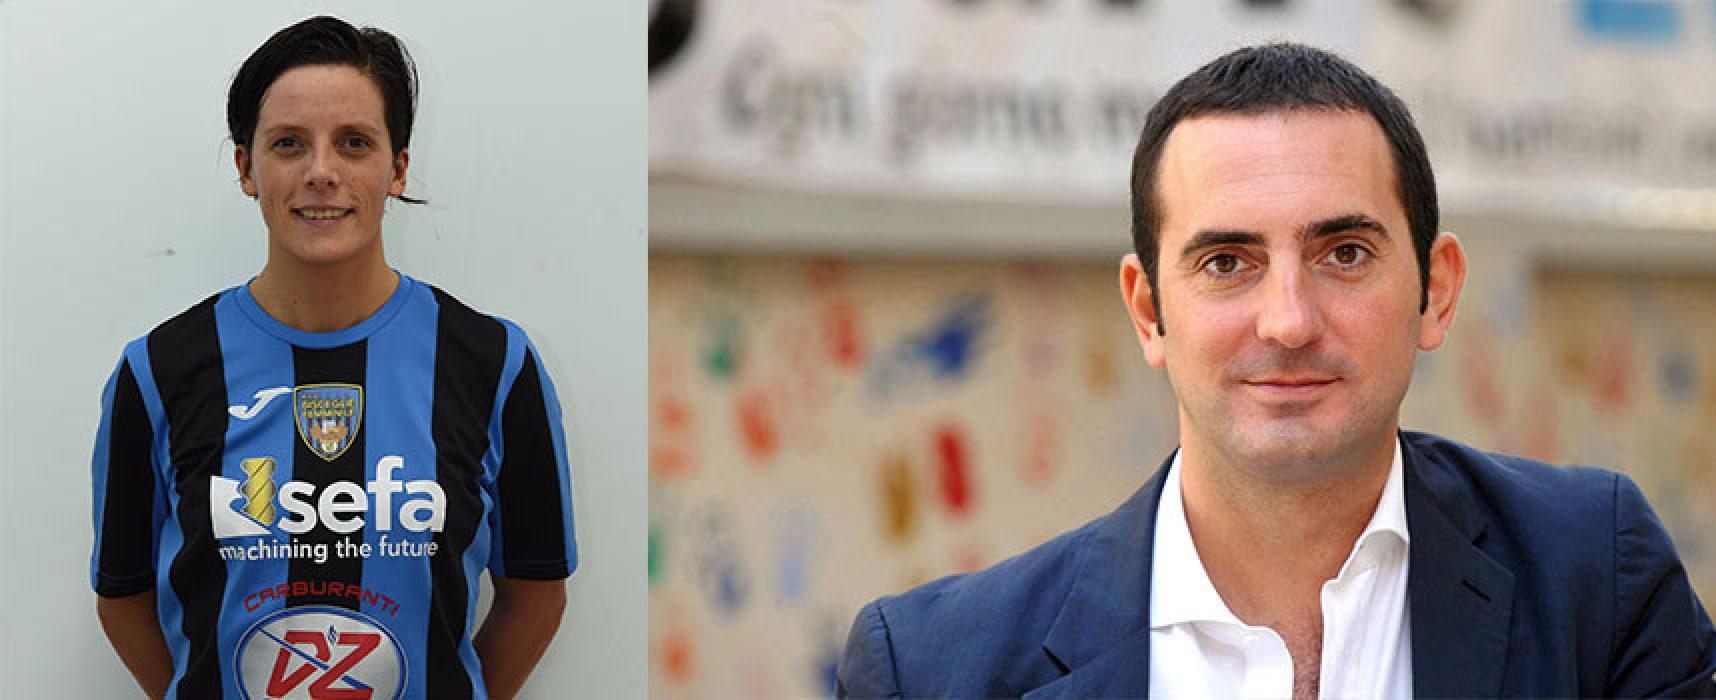 Gesto fair play Nicoletti, arrivano i complimenti del ministro dello sport Spadafora